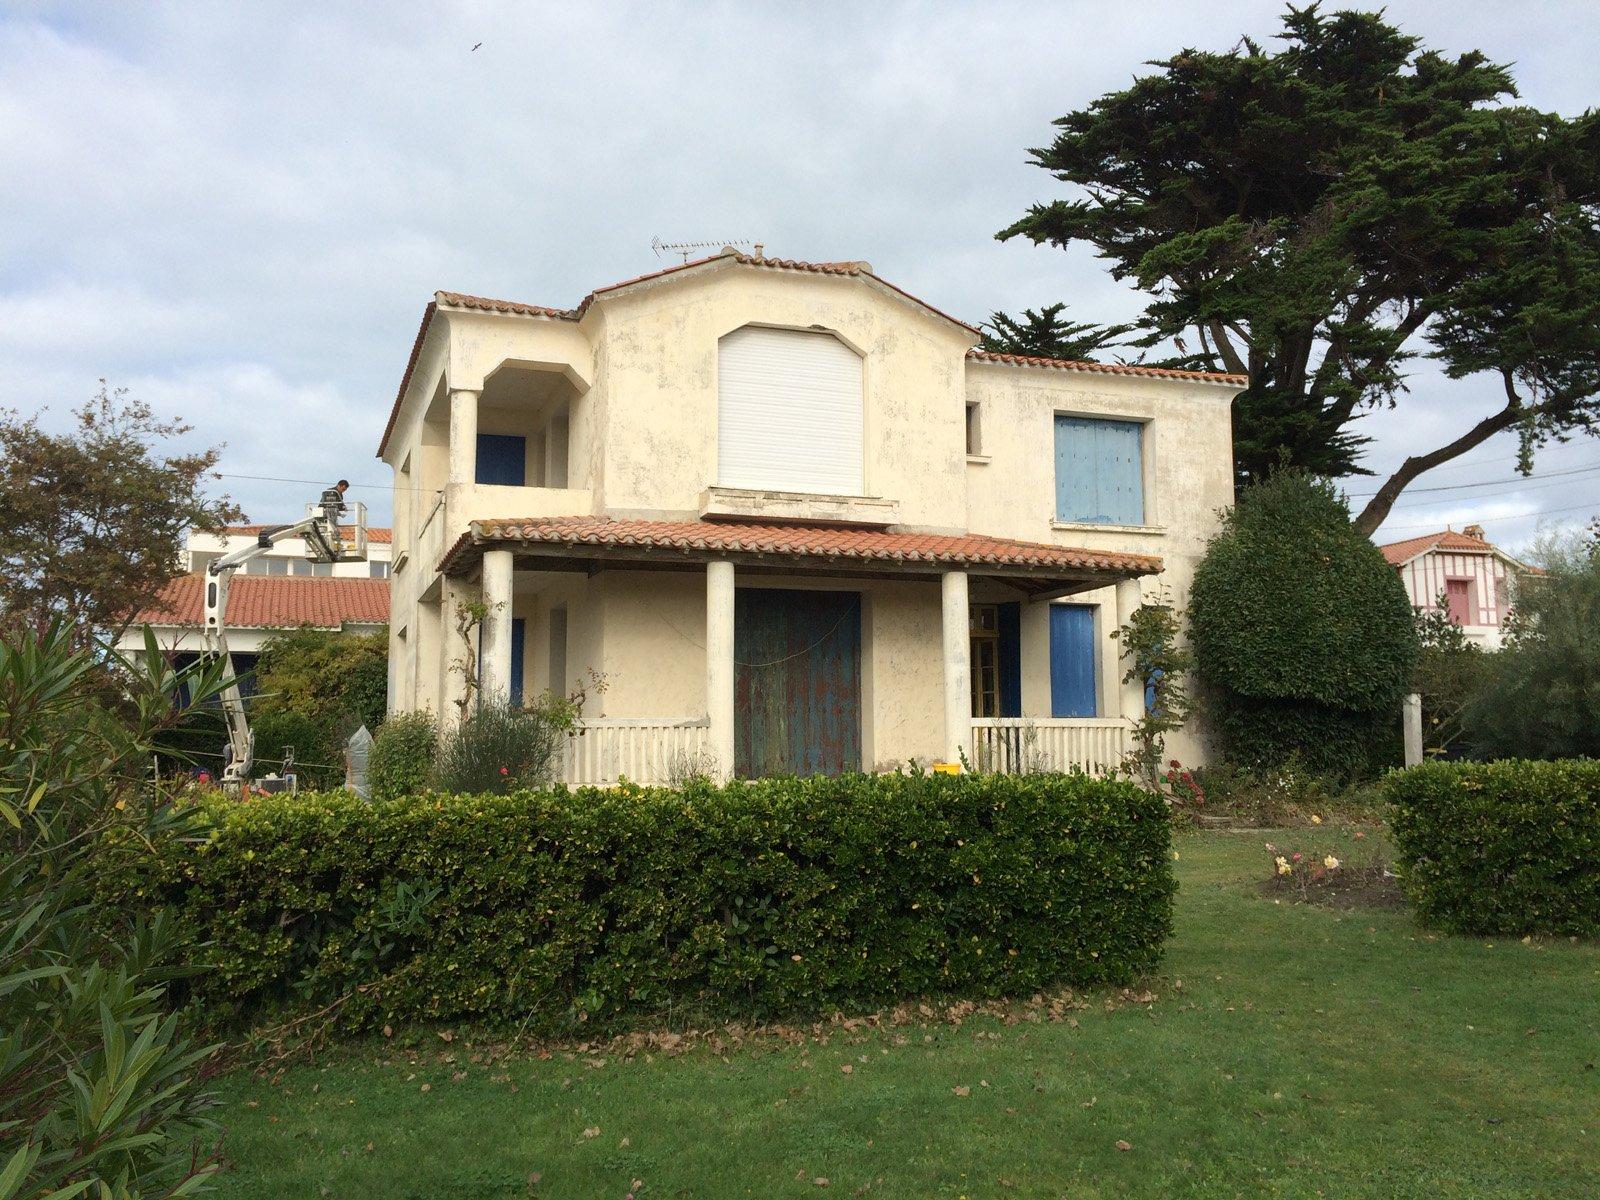 Maison avant que la façade soit rénovée par ROGER SAS en Loire Atlantique